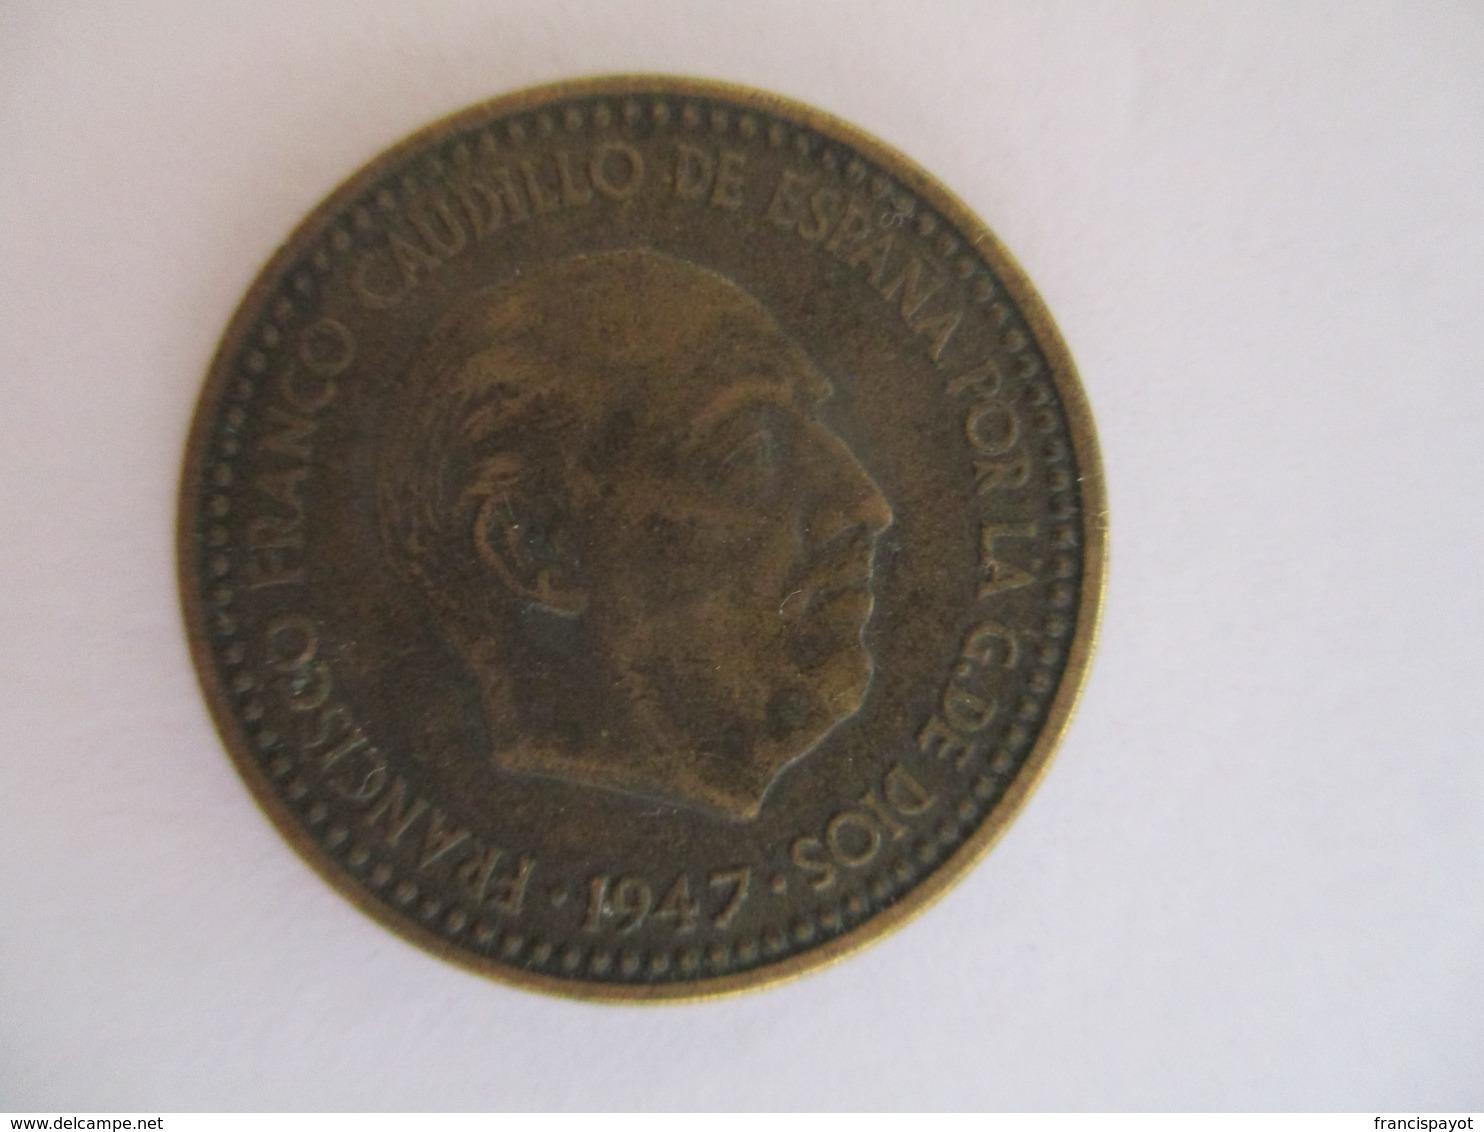 Spain: 1 Peseta 1947 / 1948 - 1 Peseta